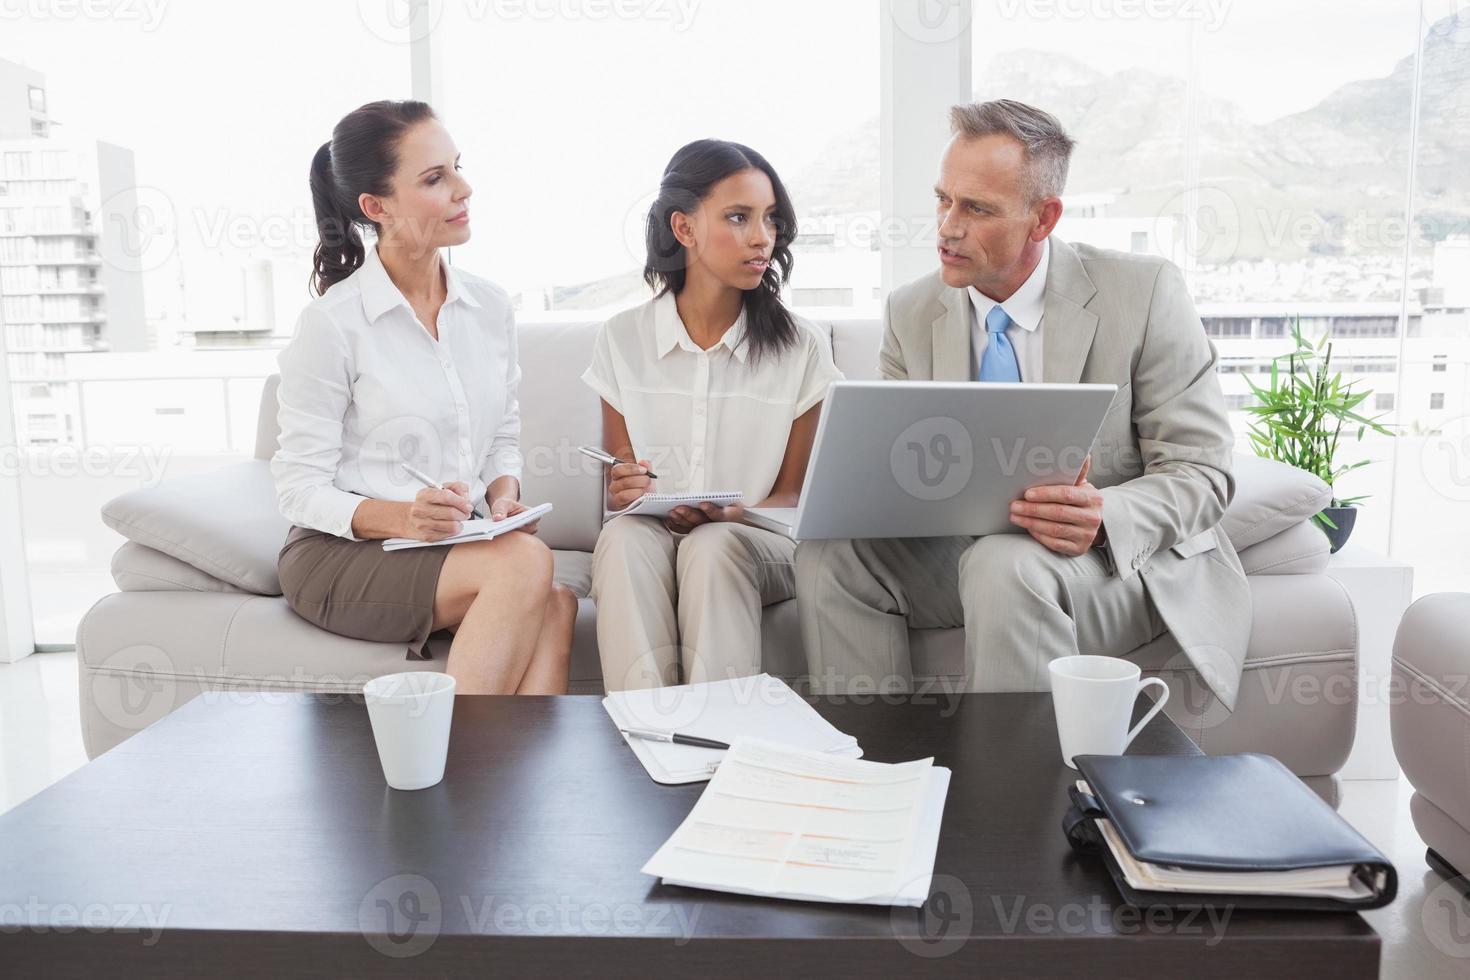 squadra di affari che lavora insieme foto